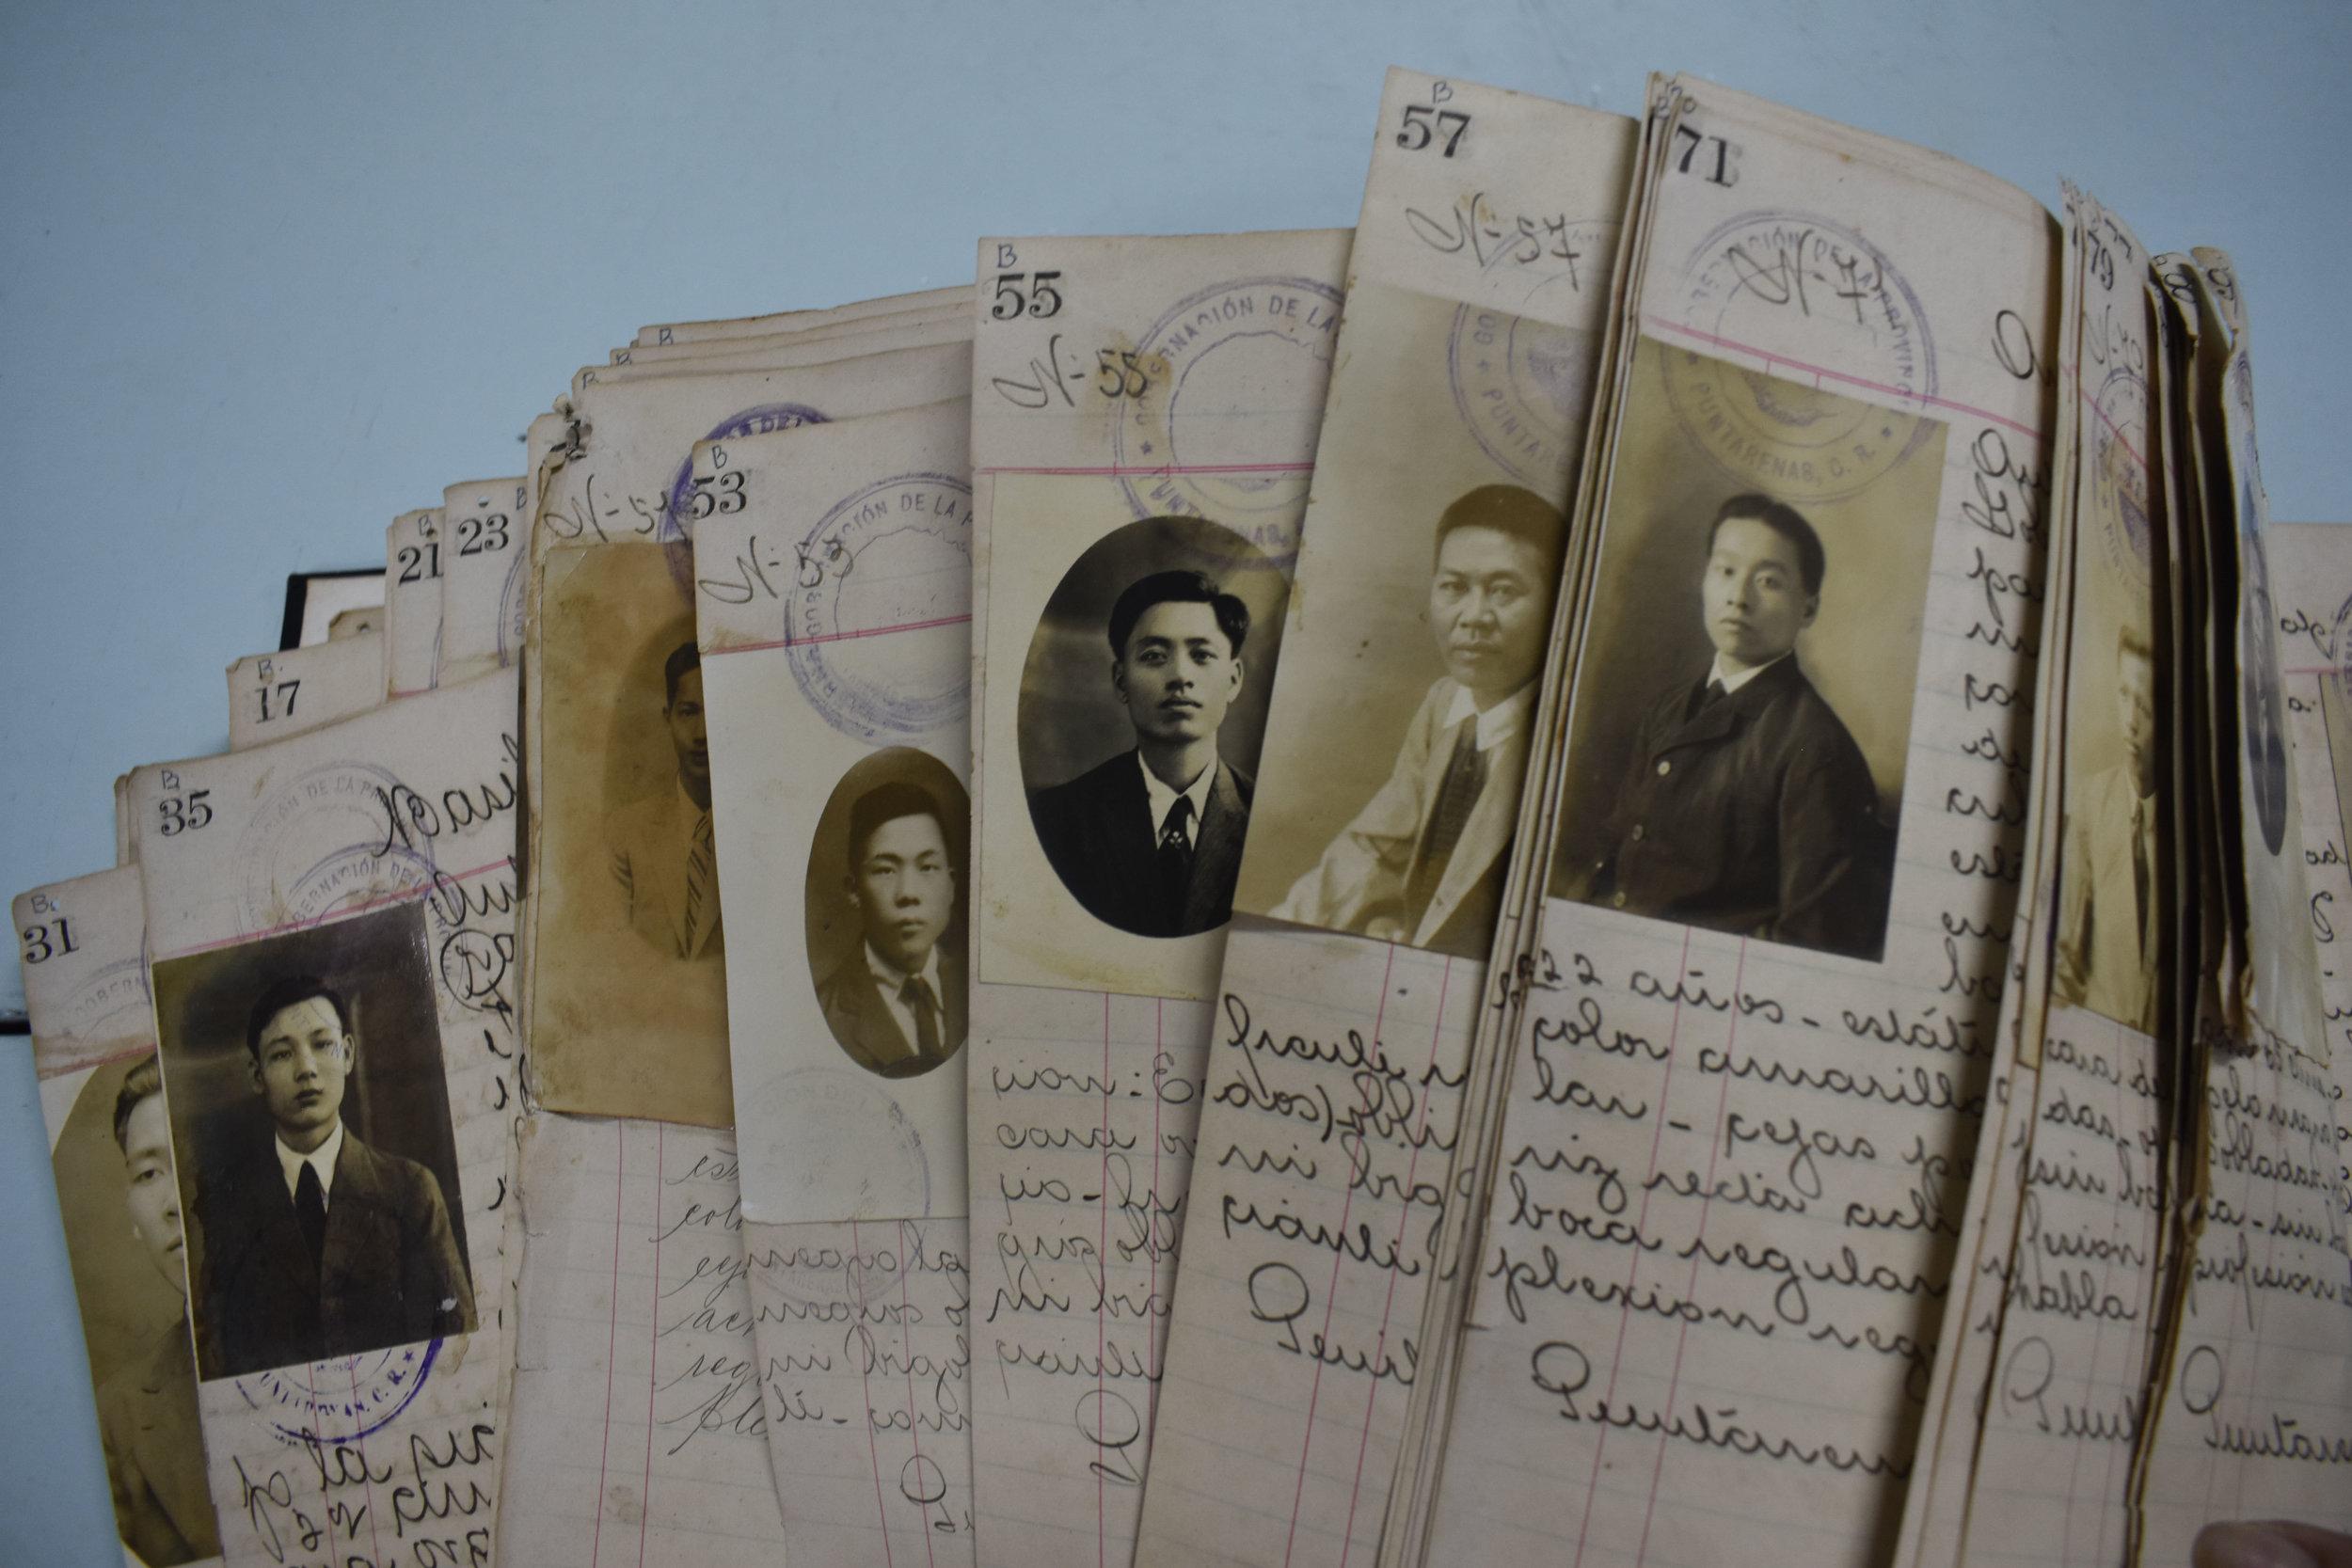 1 - 1922 Chinese registry (1).JPG